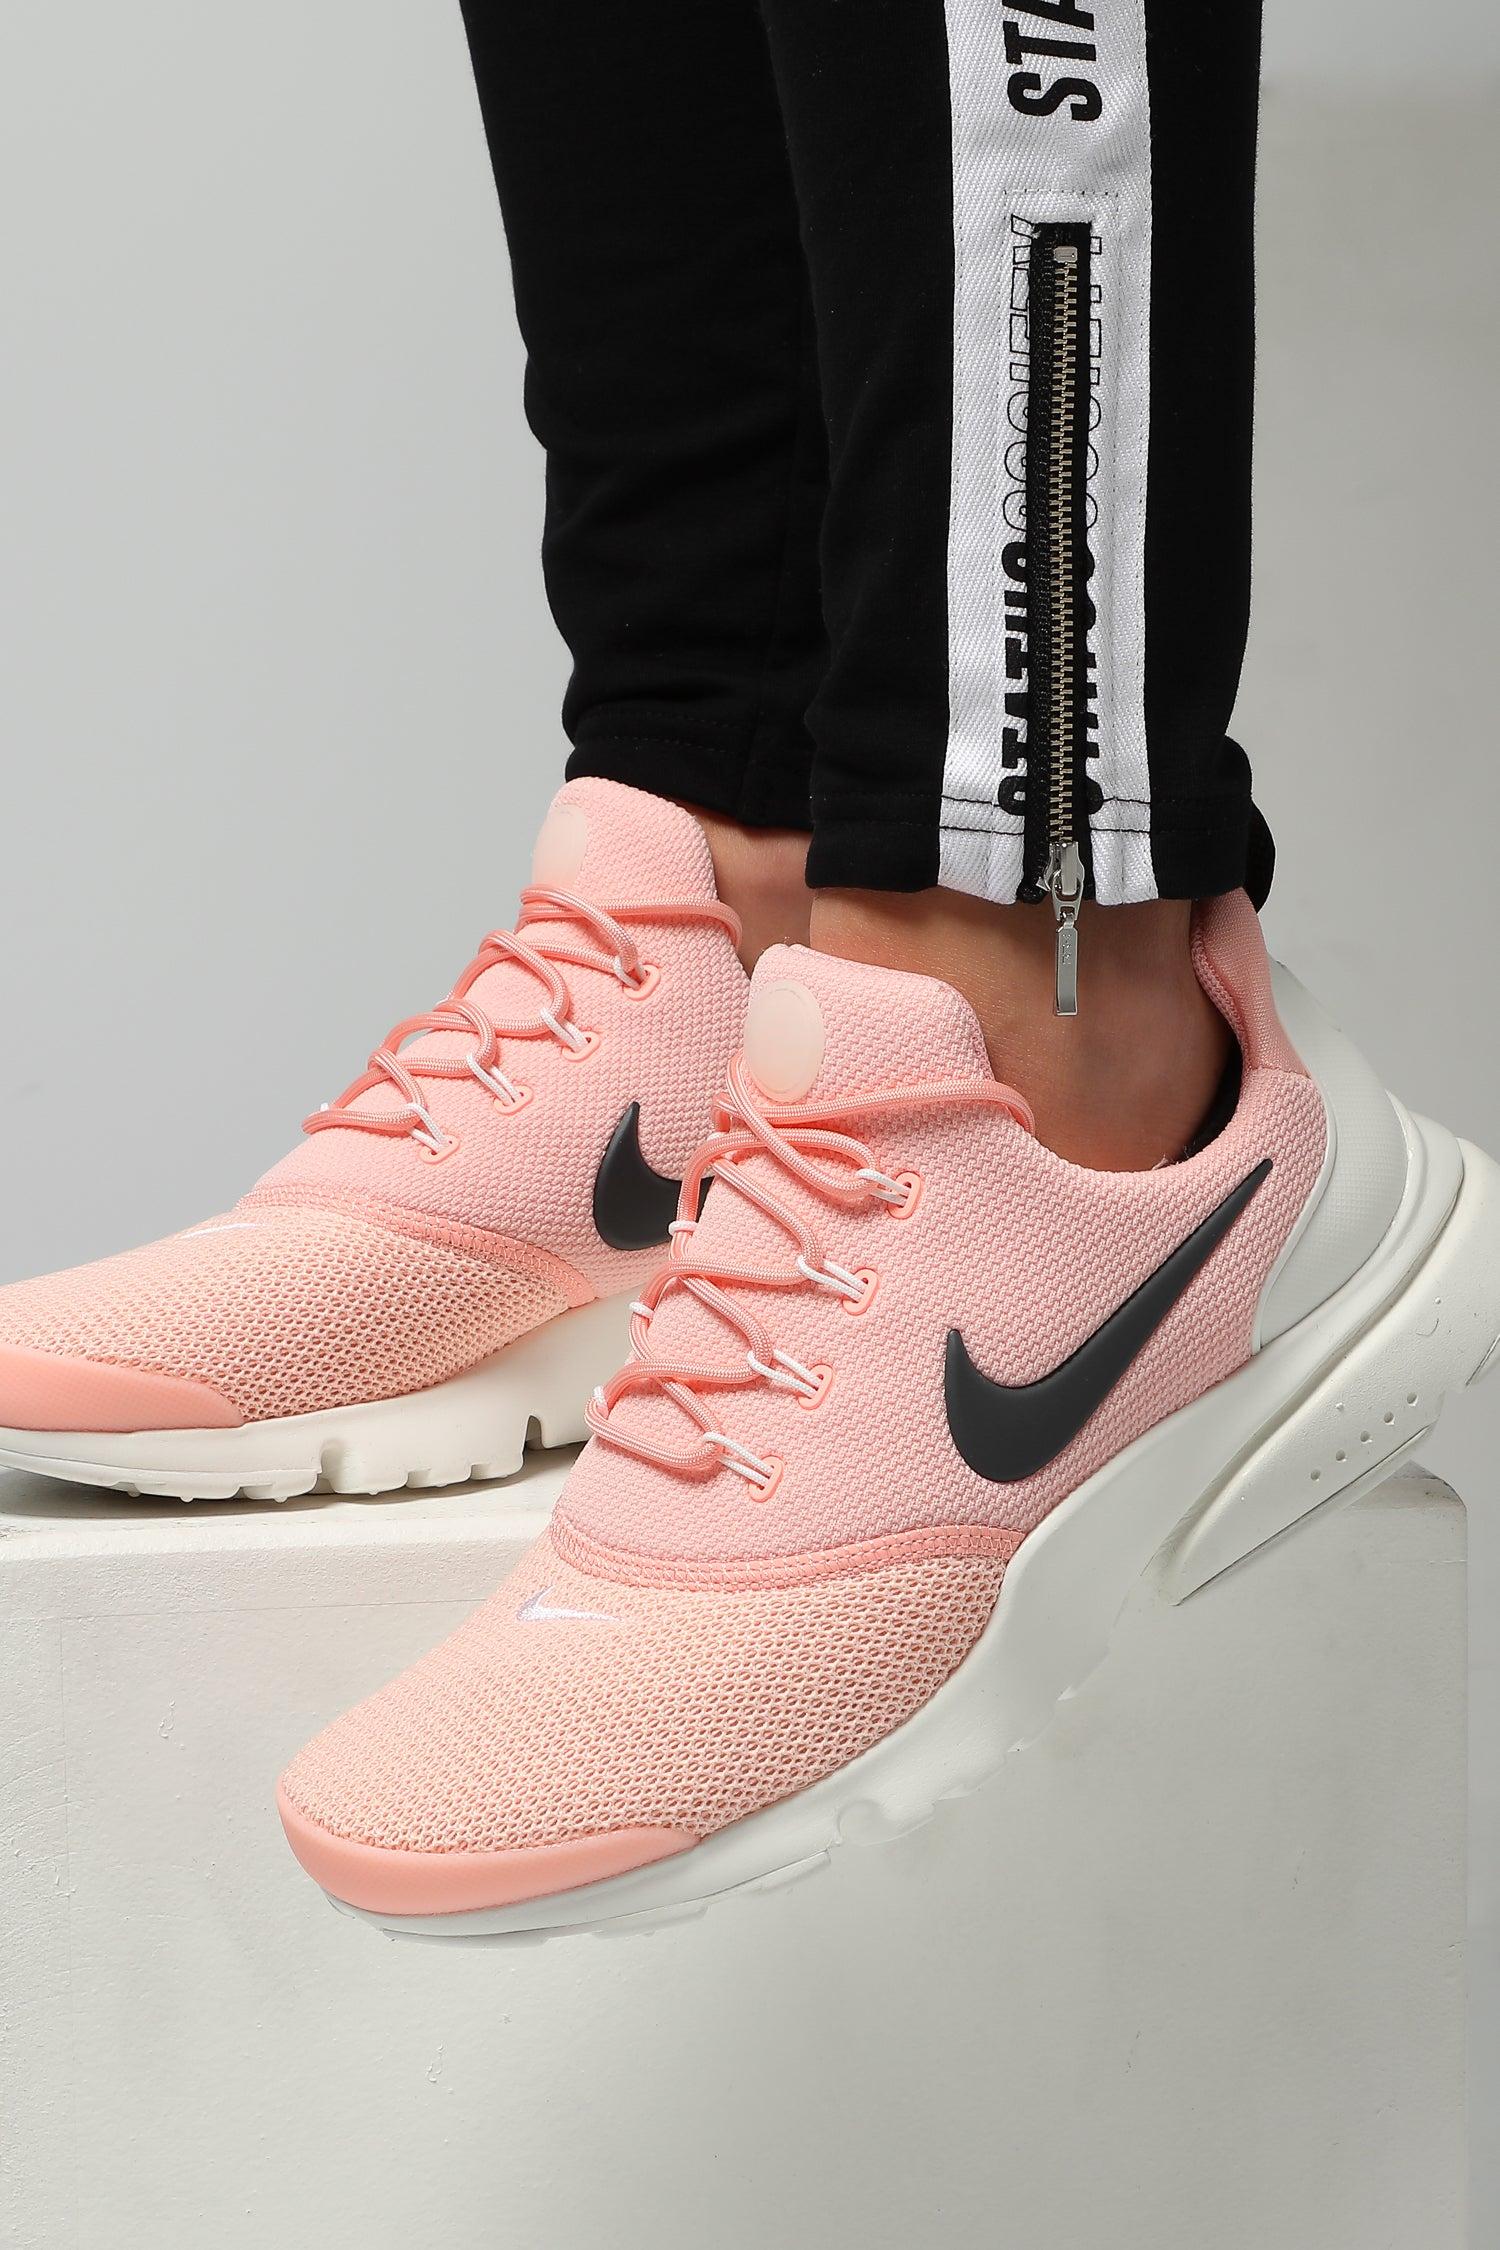 nike presto fly pink